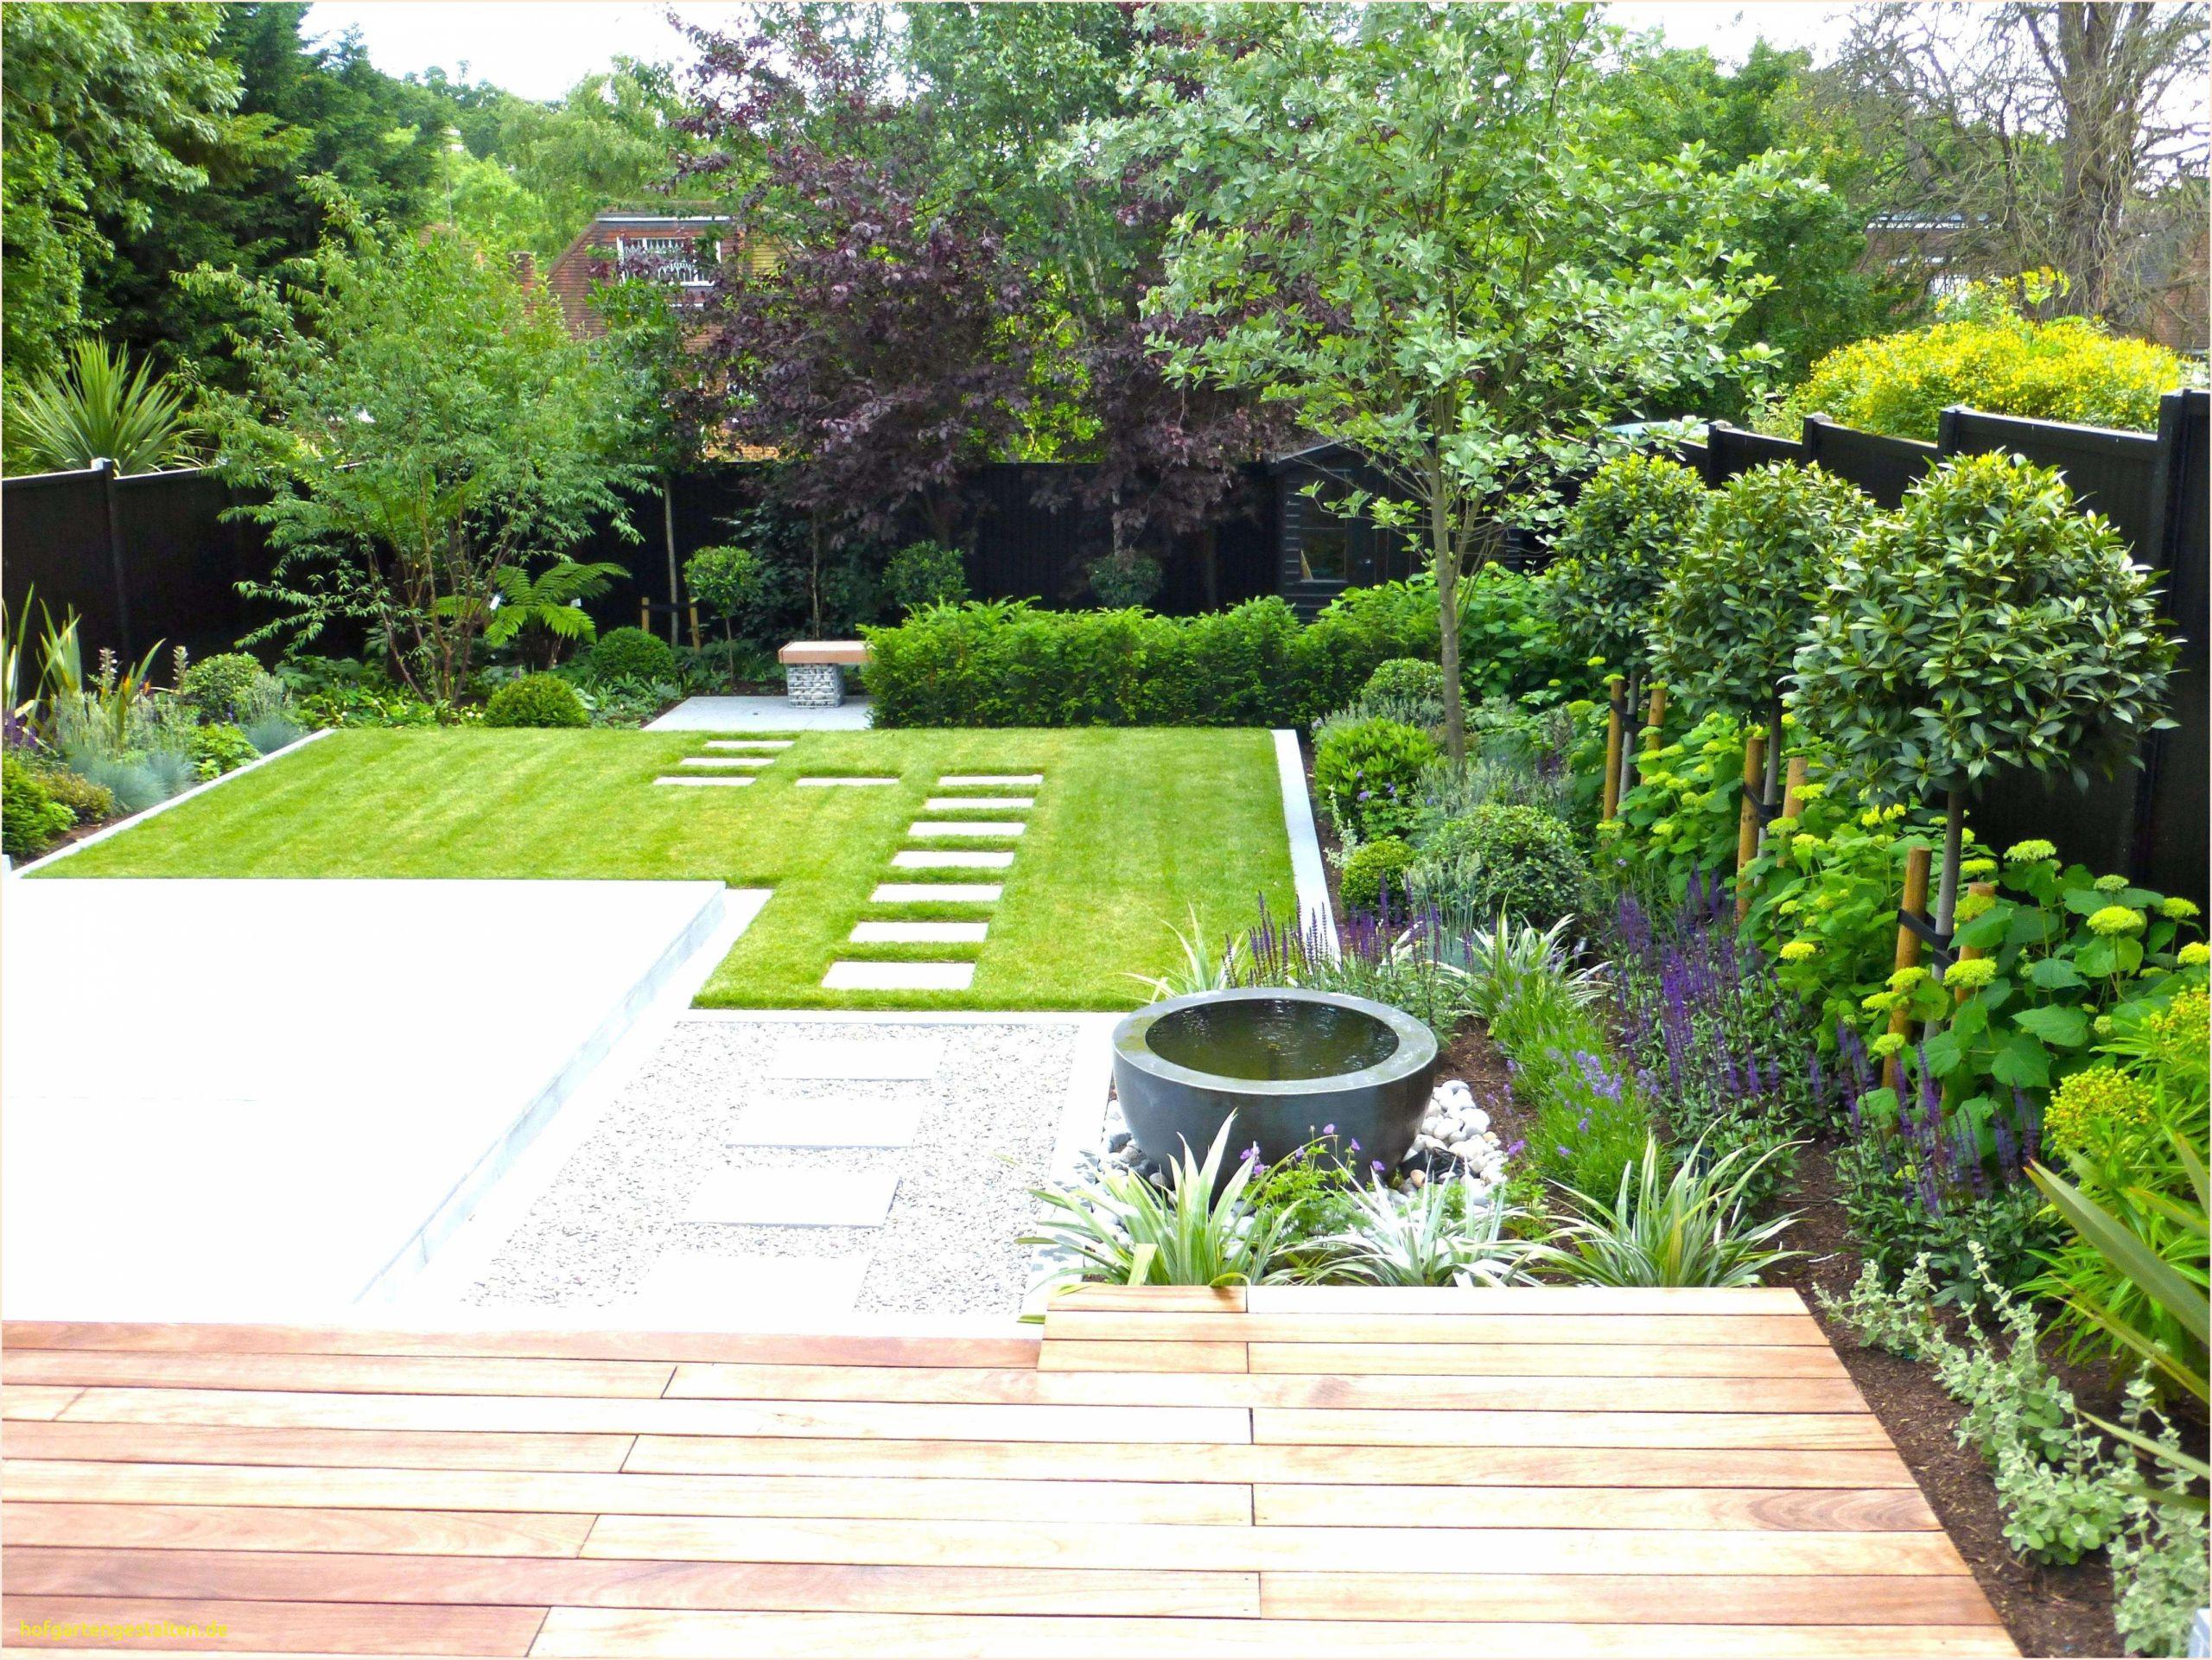 Gartenideen Zum Selber Machen Genial Garten Ideen Selber Machen — Temobardz Home Blog